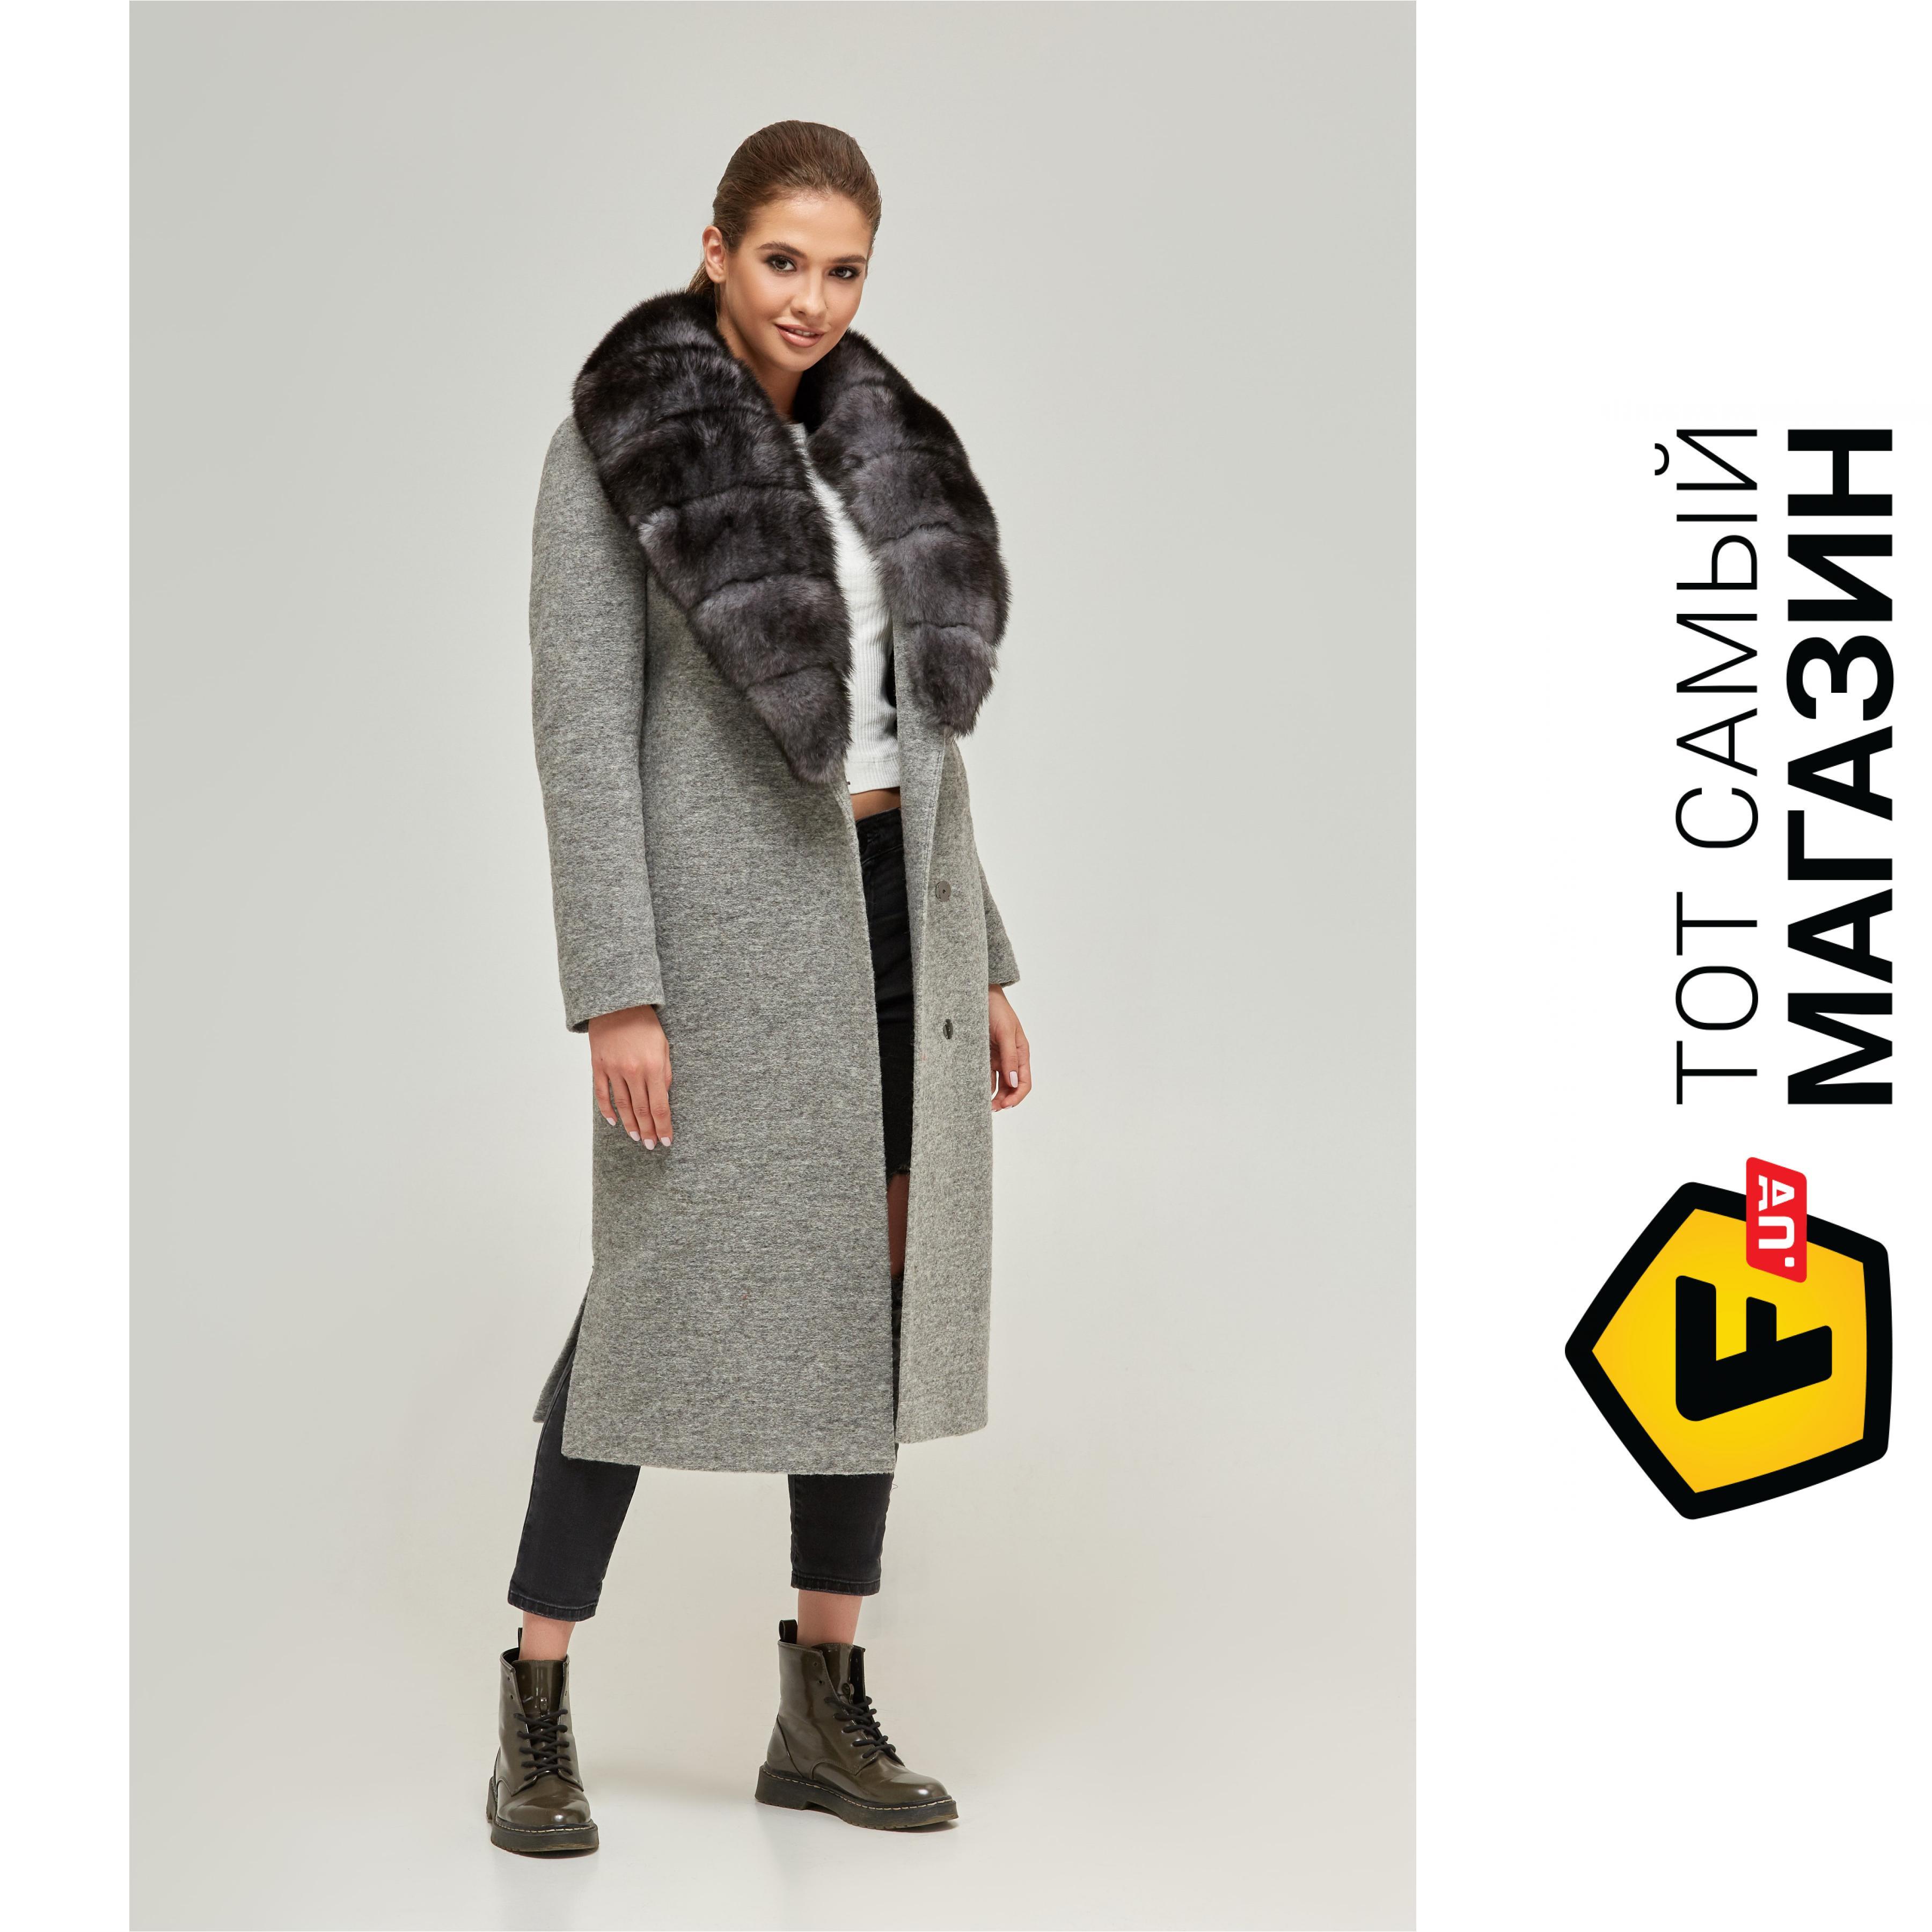 63ed9f01d01 Женское зимнее пальто Mila Nova ПВ-67 с мехом песца р. 52 Серый (